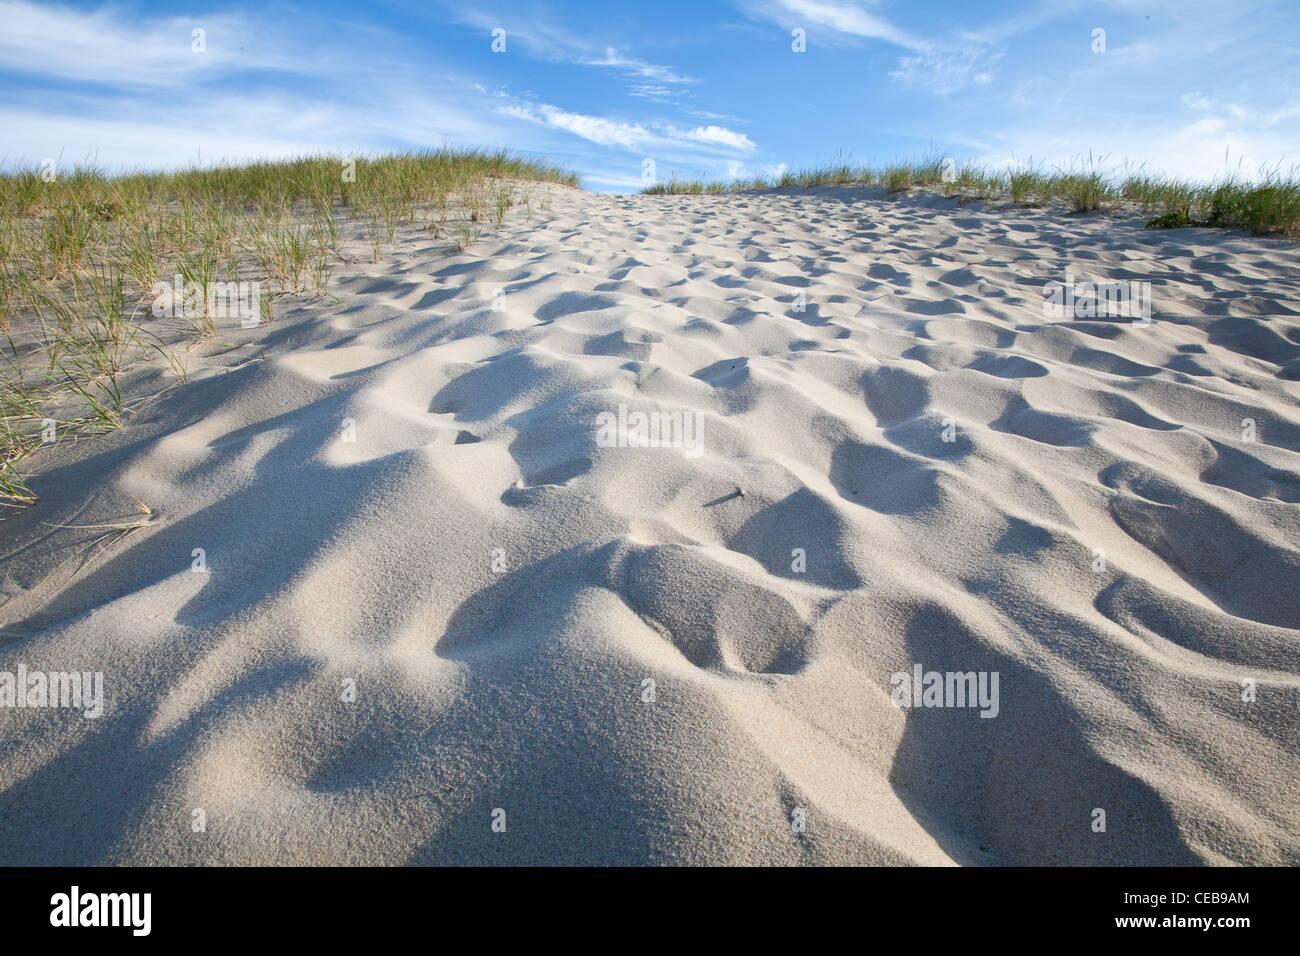 Footprints lead up steep sand dune - Stock Image